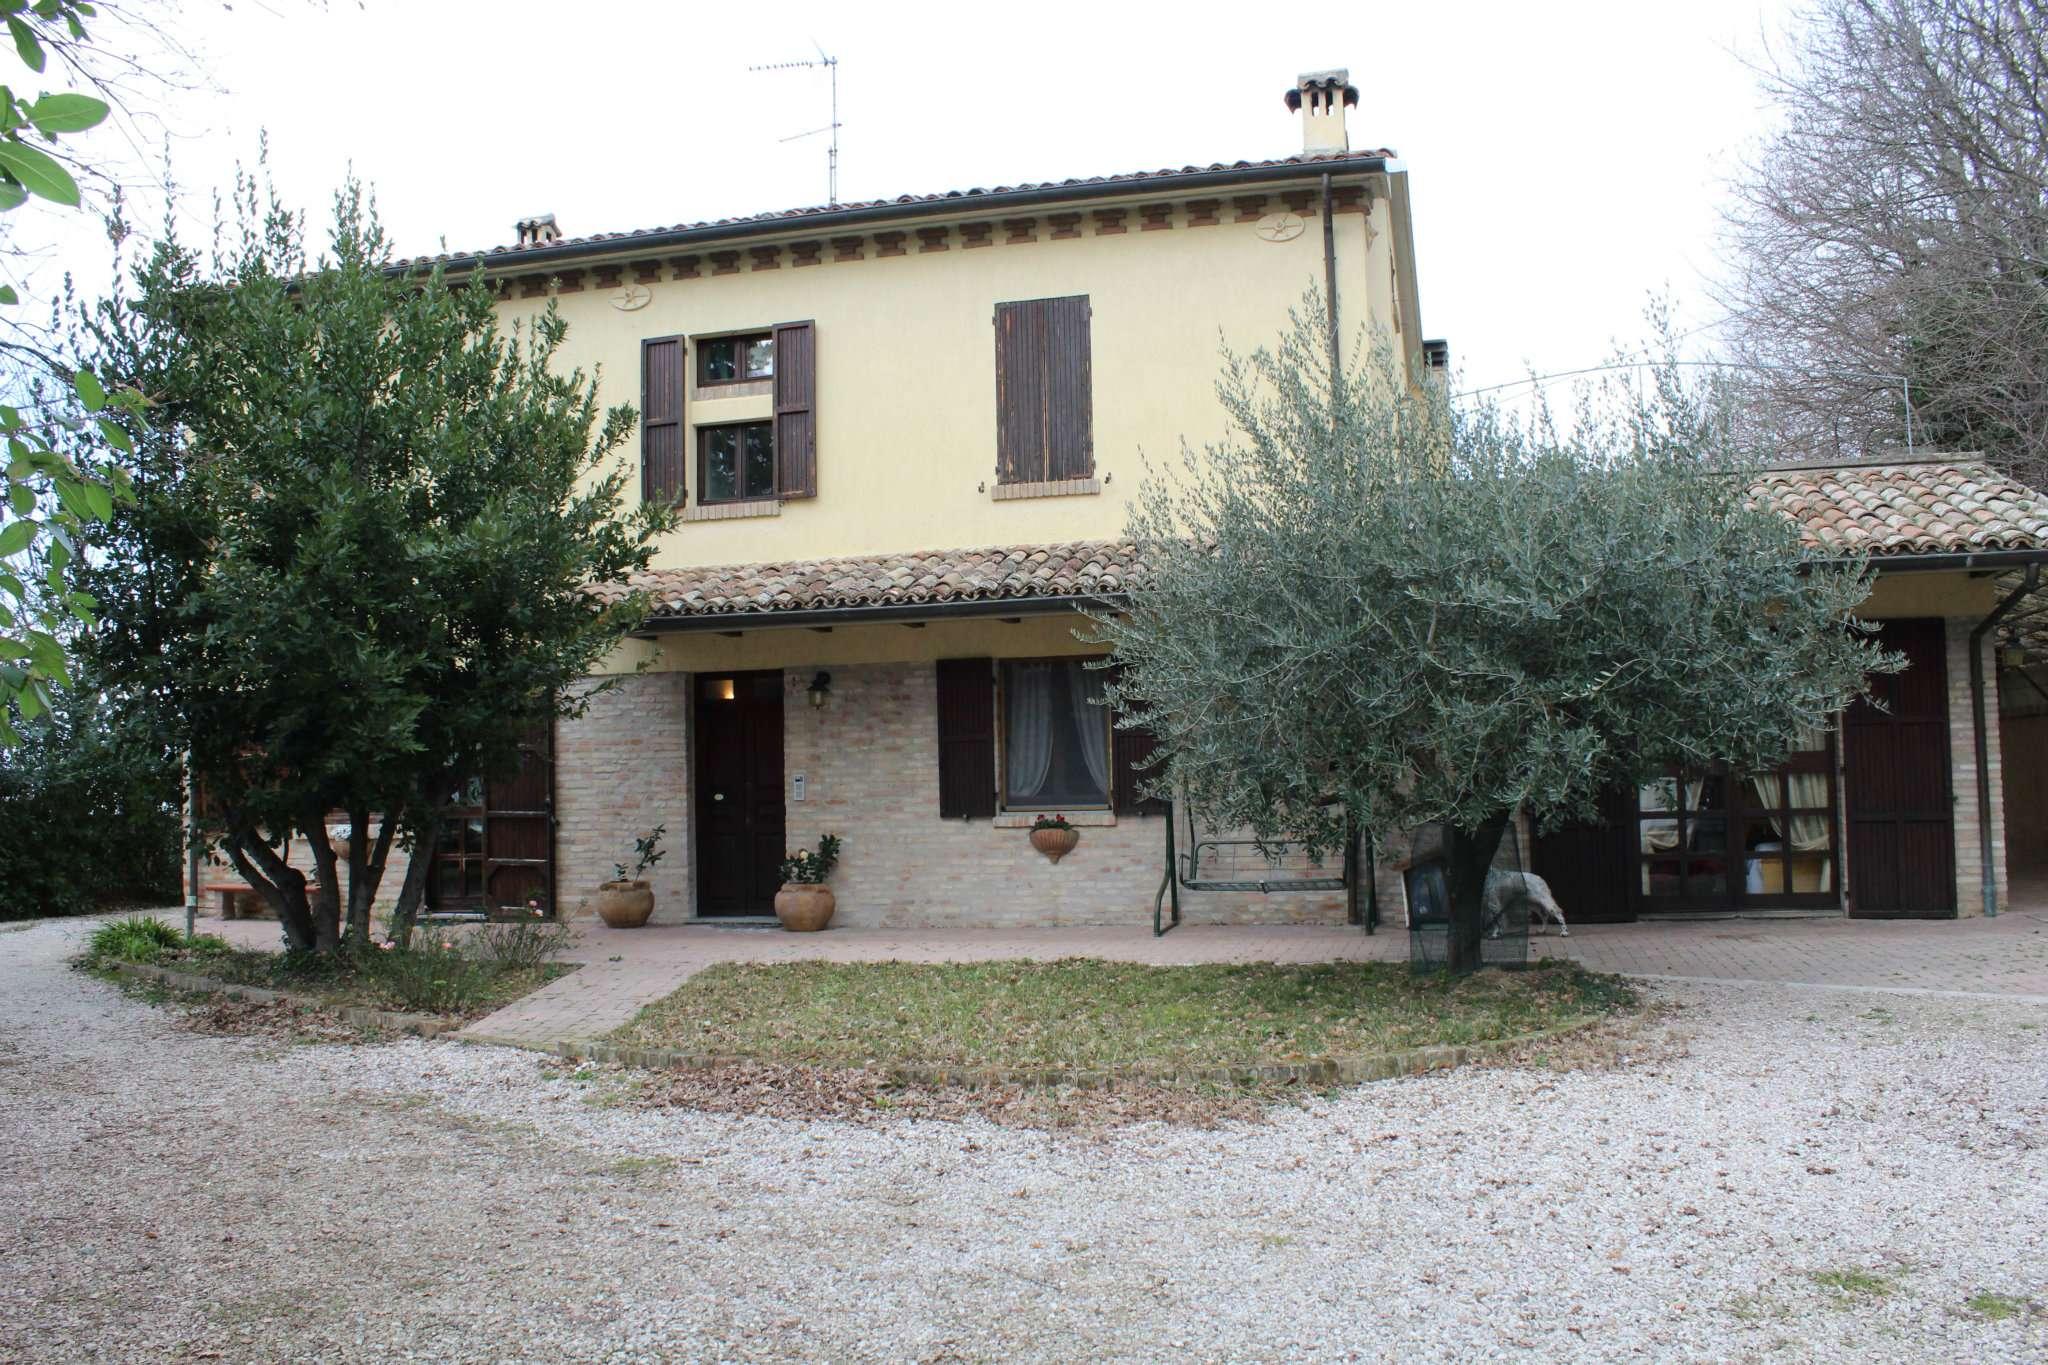 Soluzione Indipendente in vendita a Pesaro, 15 locali, prezzo € 430.000   CambioCasa.it